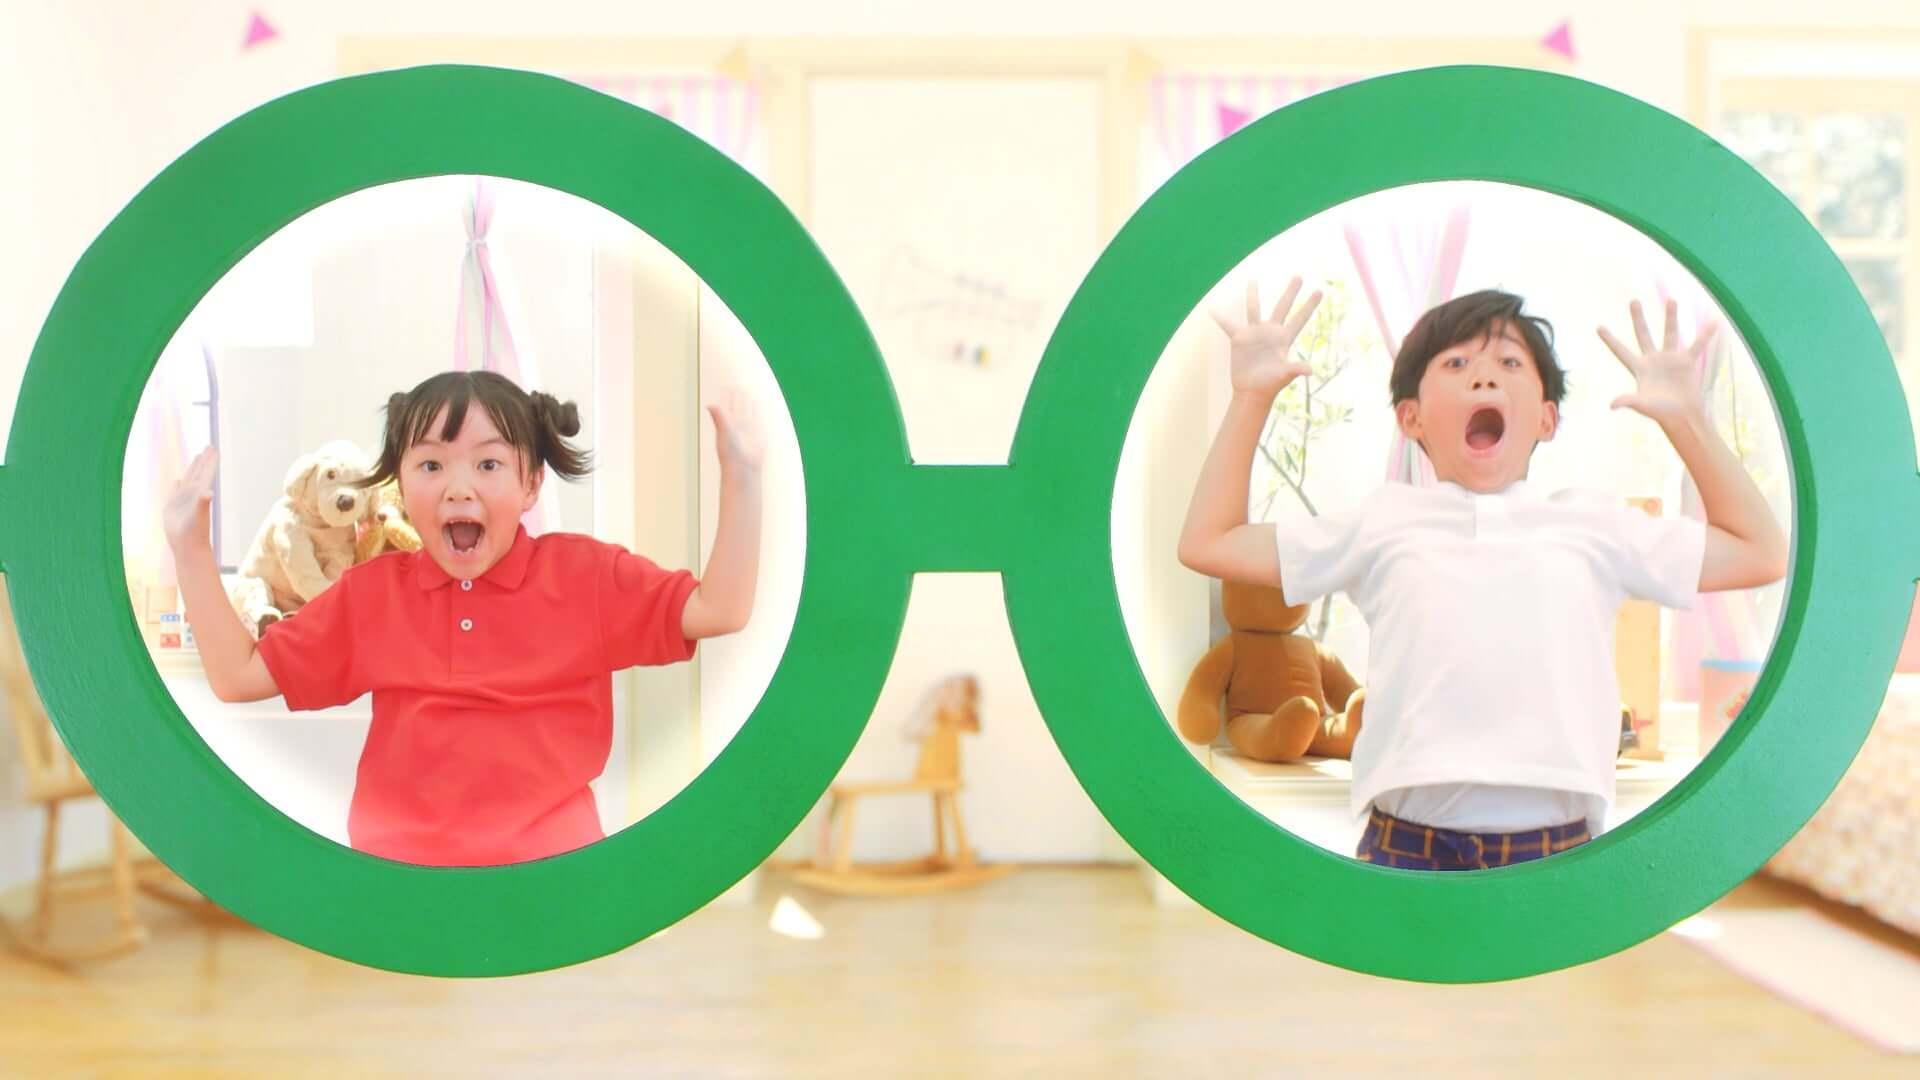 """DJみそしるとMCごはんによる楽曲""""ジョッキン体操""""の振り付け動画が公開中!歌と踊りで「手洗い・うがい・除菌」を啓発 music201111_jyokin-exercise_5-1920x1080"""